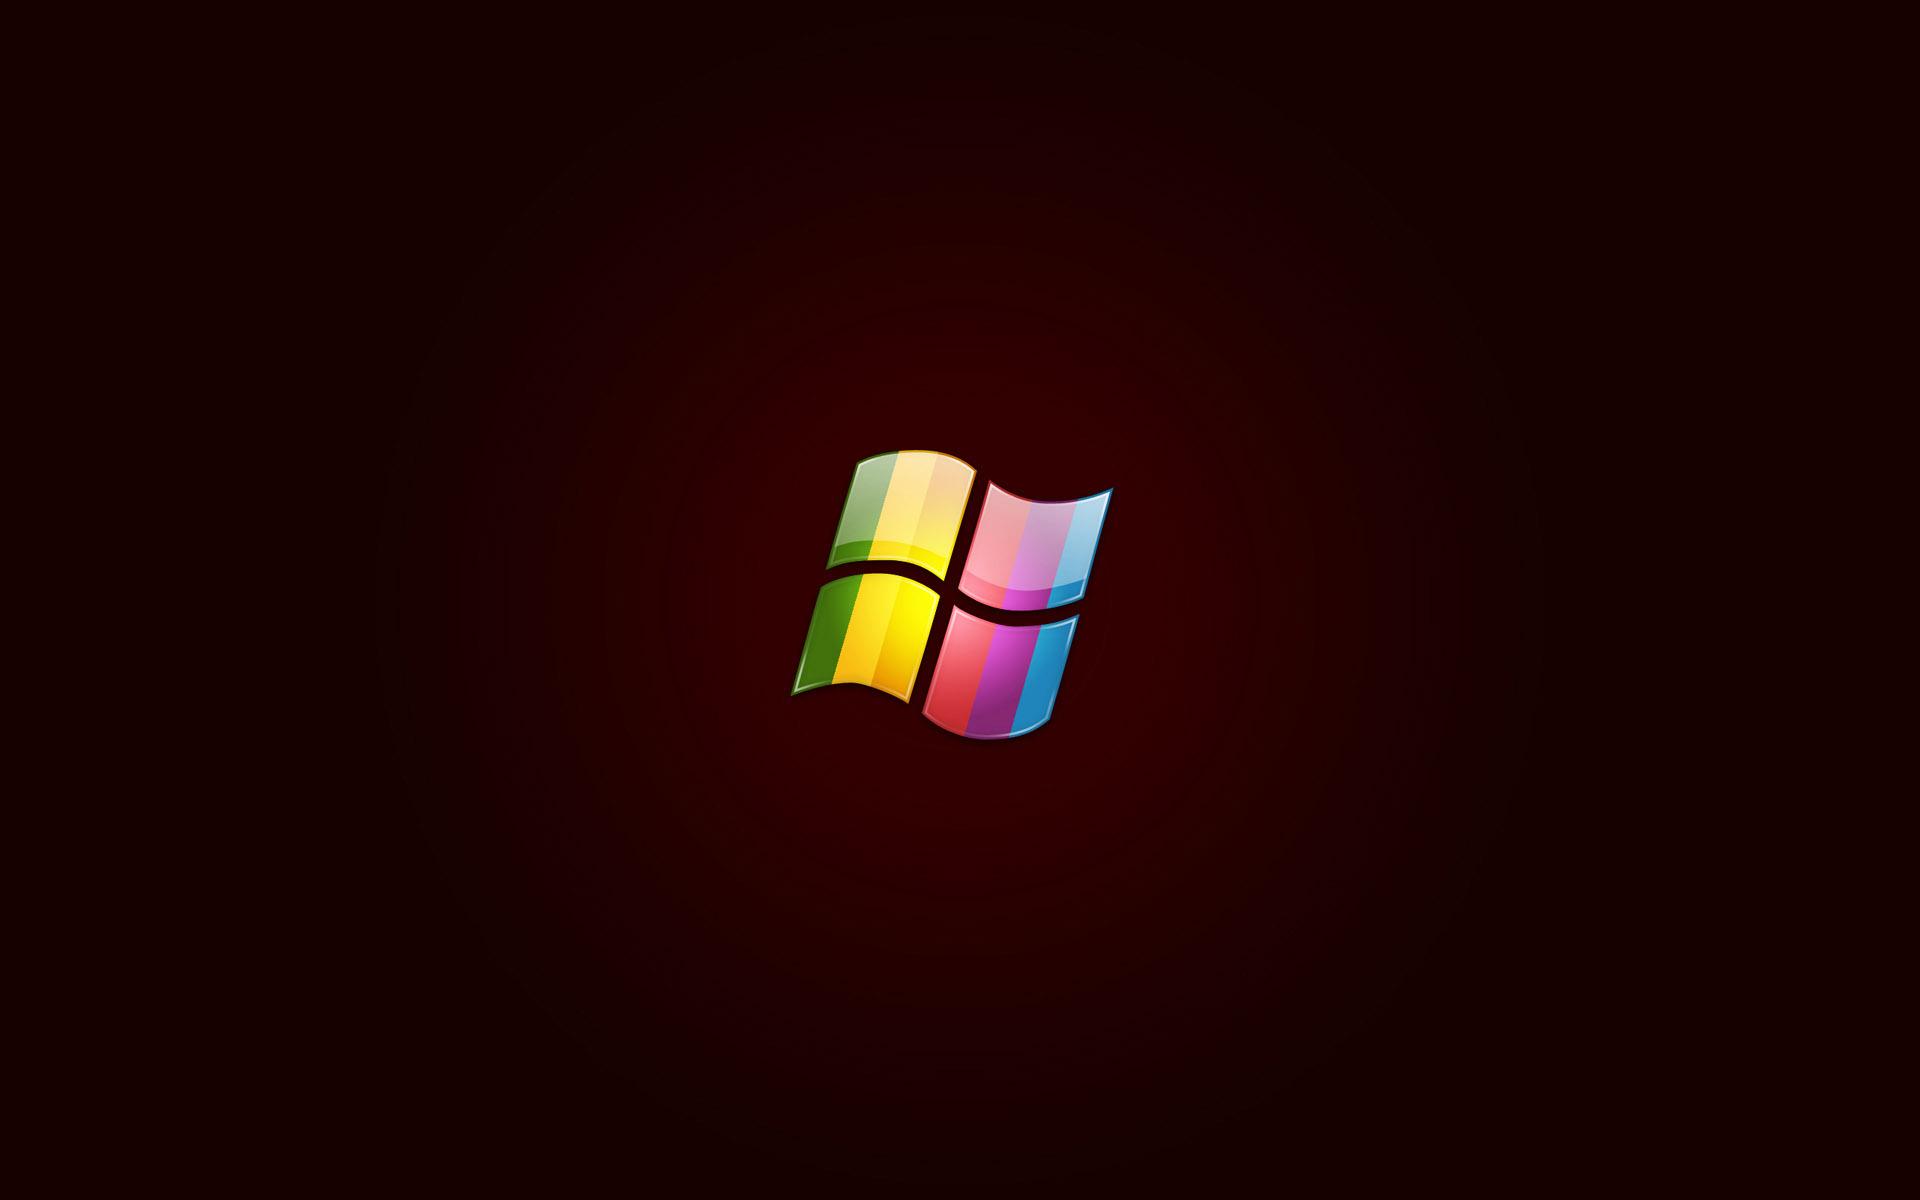 coders windows fan - photo #14